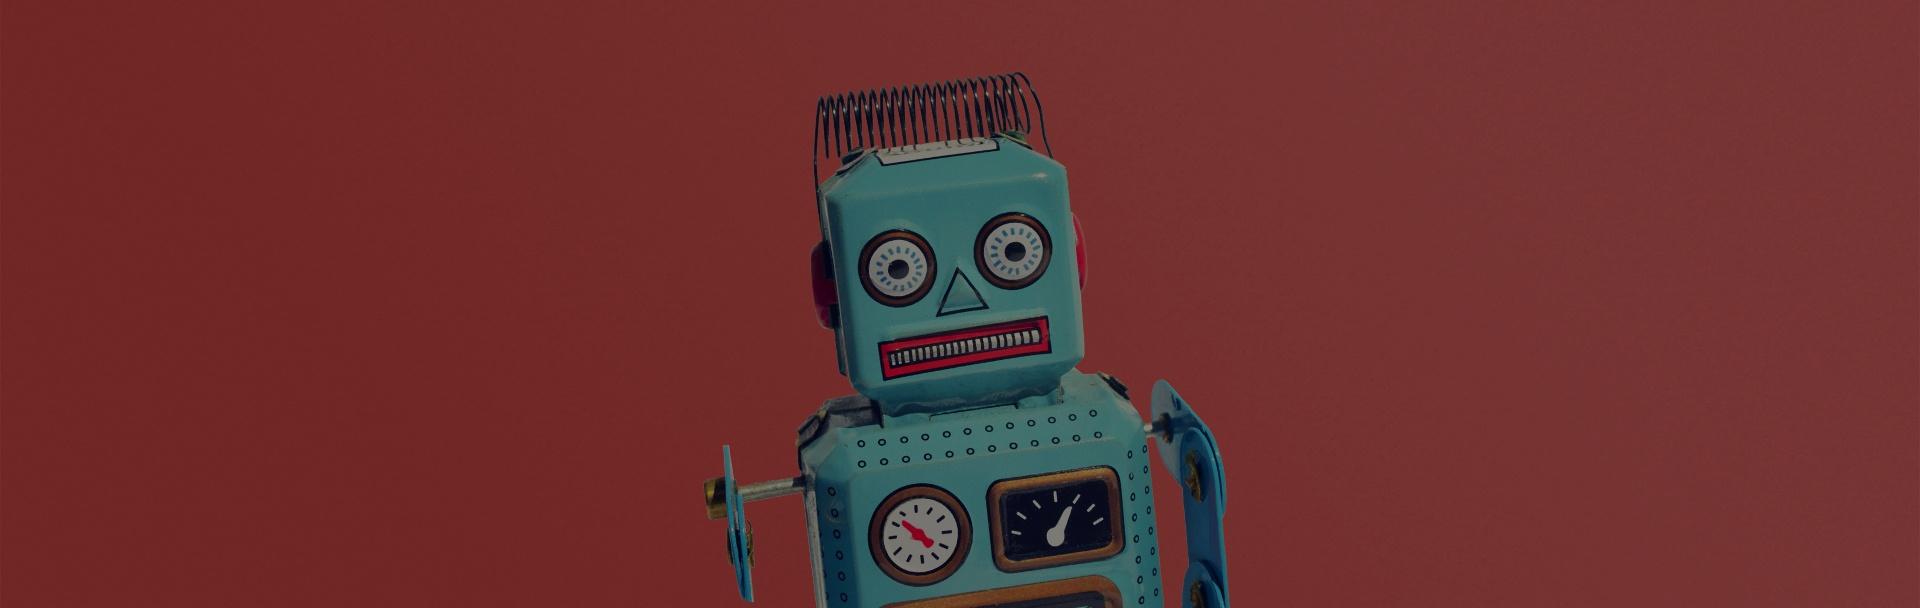 Solucionweb-banner-estrategia-digital-inbound-redes-sociales-blog-Beneficios-de-utilizar-chatbot.jpg